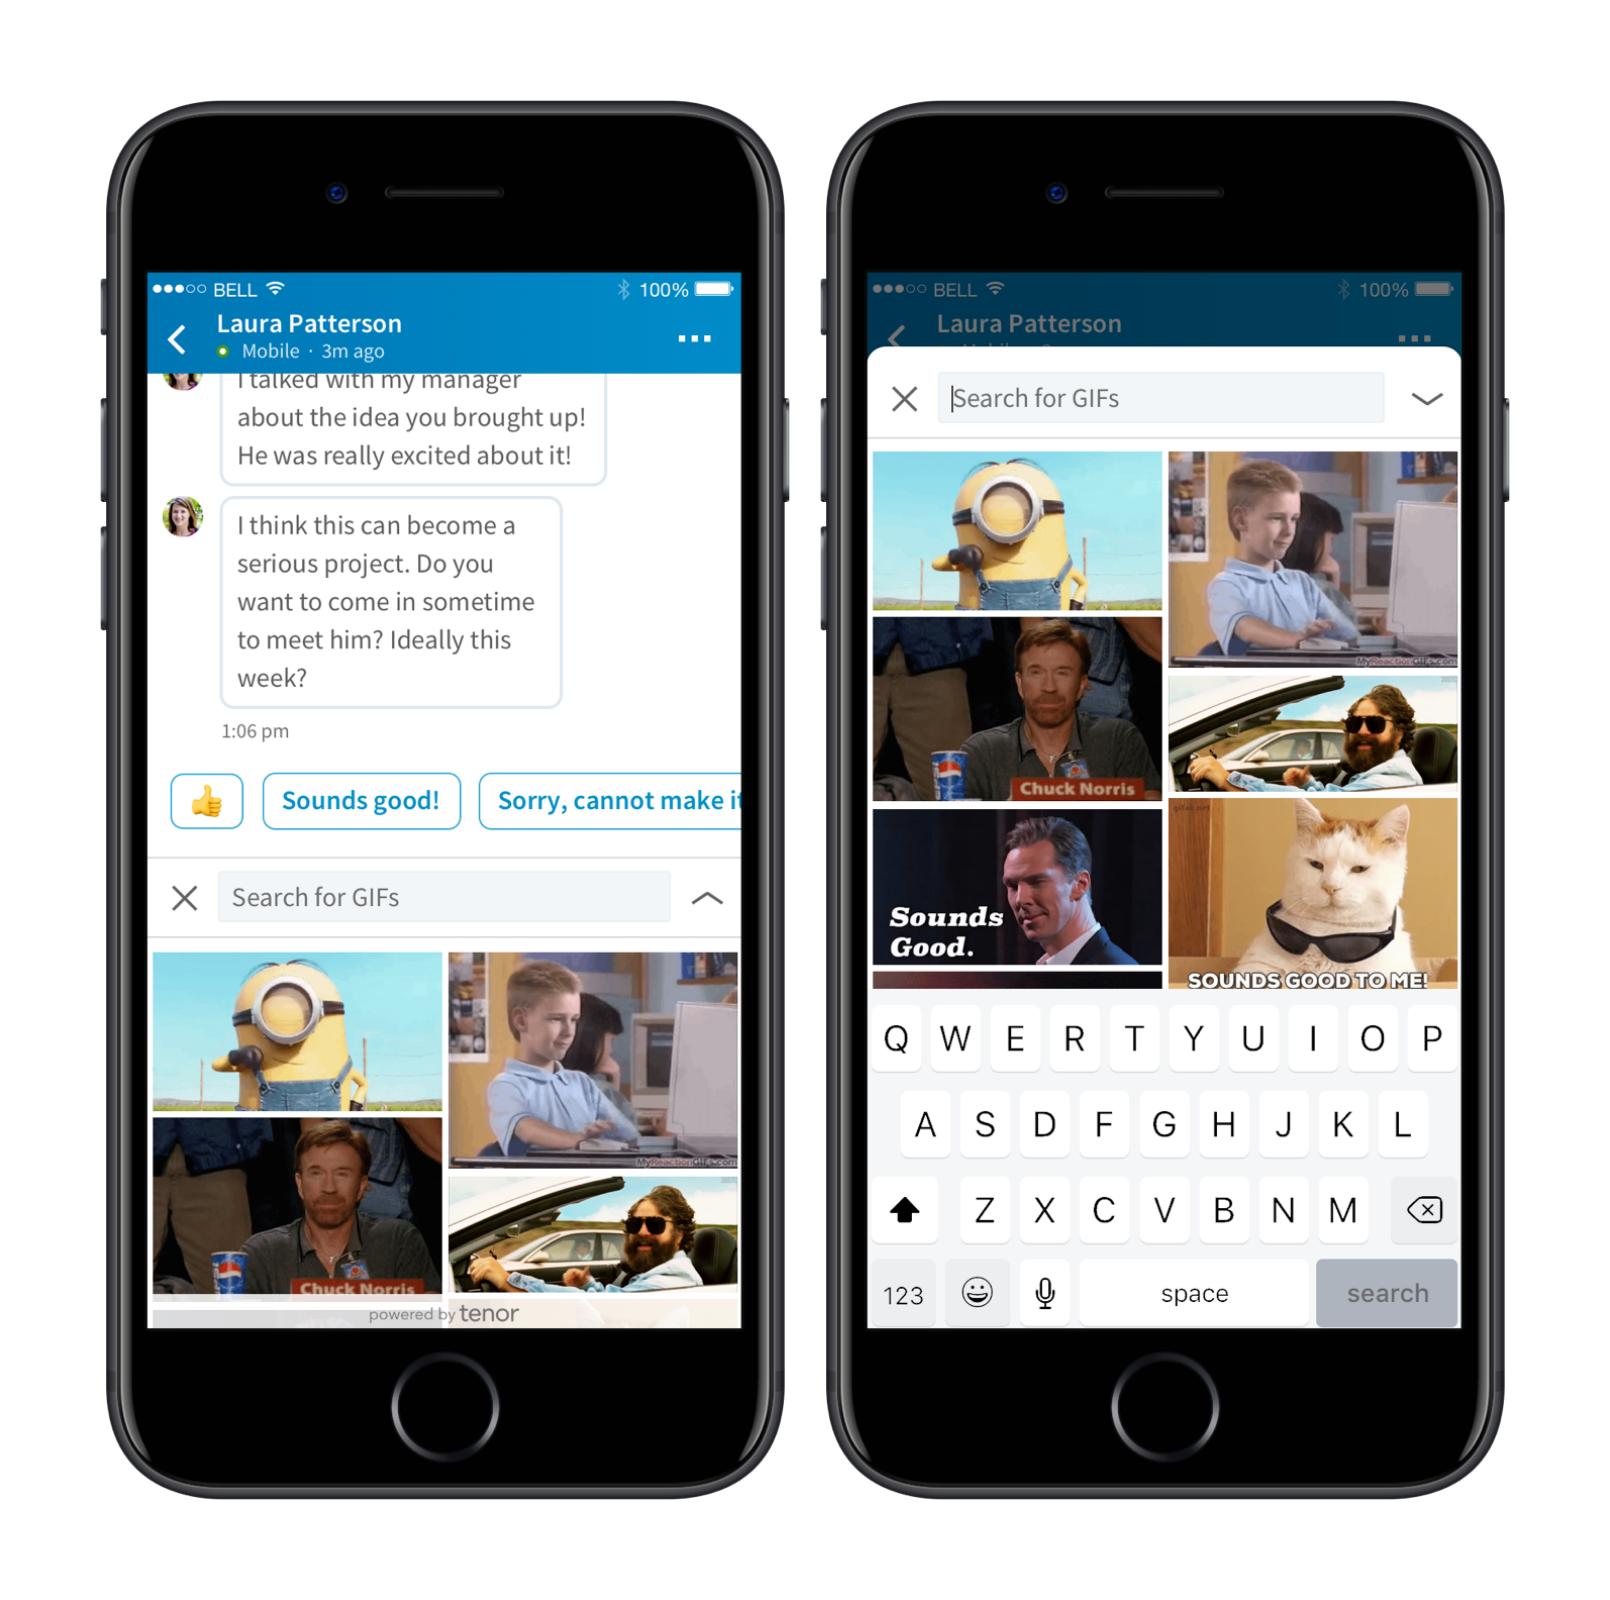 GIF-afbeeldingen beschikbaar in LinkedIn conversaties